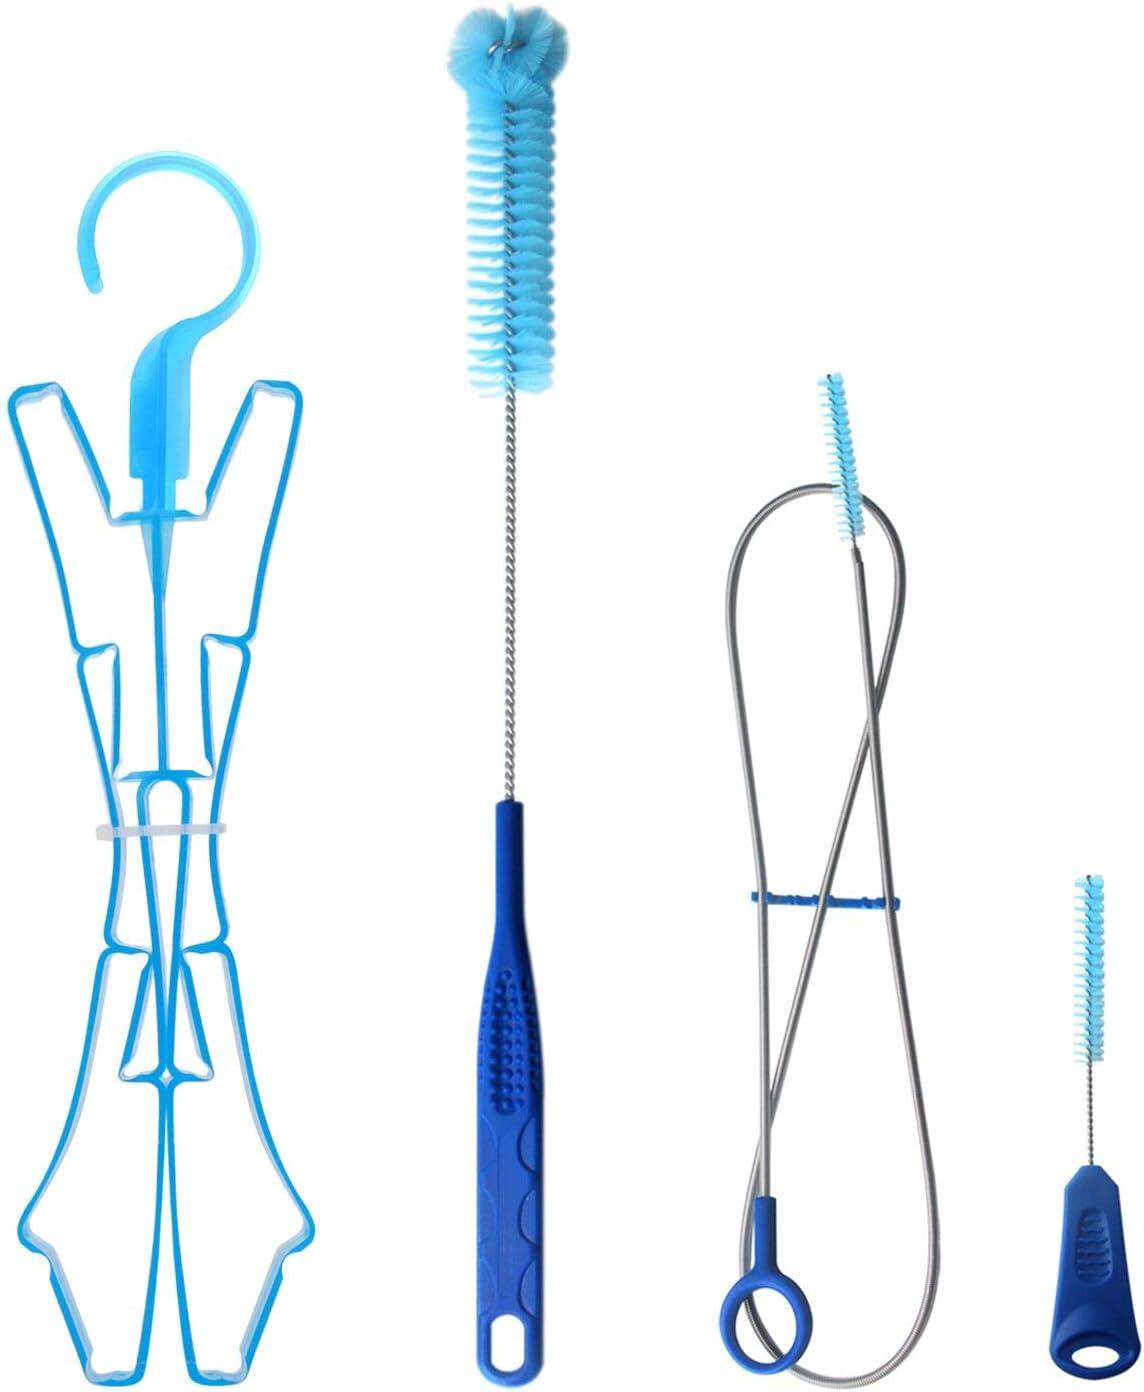 TAGVO Kit de Limpieza de la vejiga de hidratación para el depósito de Agua Universal, Limpiador 4 en 1 - Cepillo Largo Flexible, Cepillo pequeño, Cepillo Grande y Colgador Plegable …